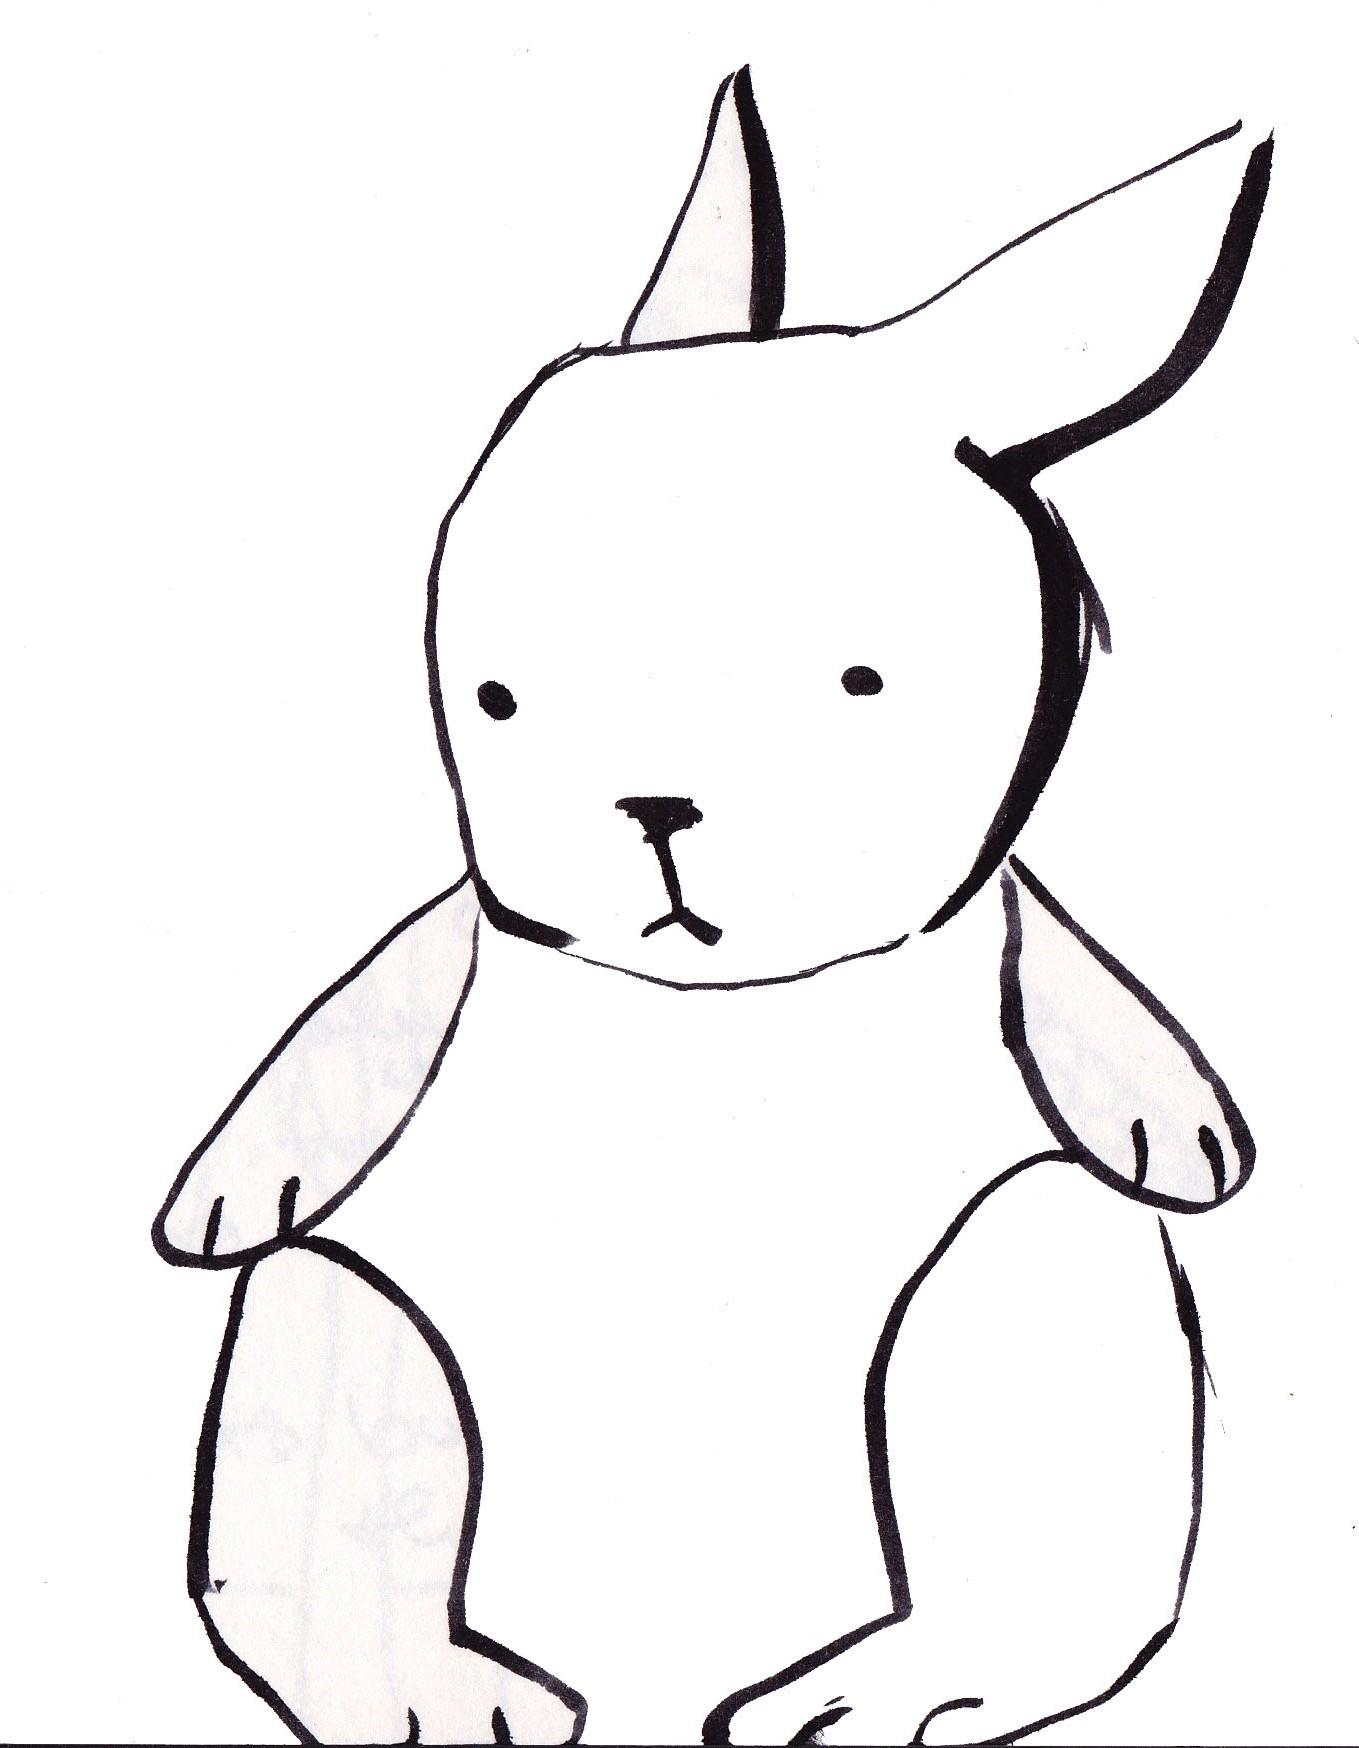 1359x1748 Simple Animal Drawings Fresh Simple Animal Line Drawings Simple